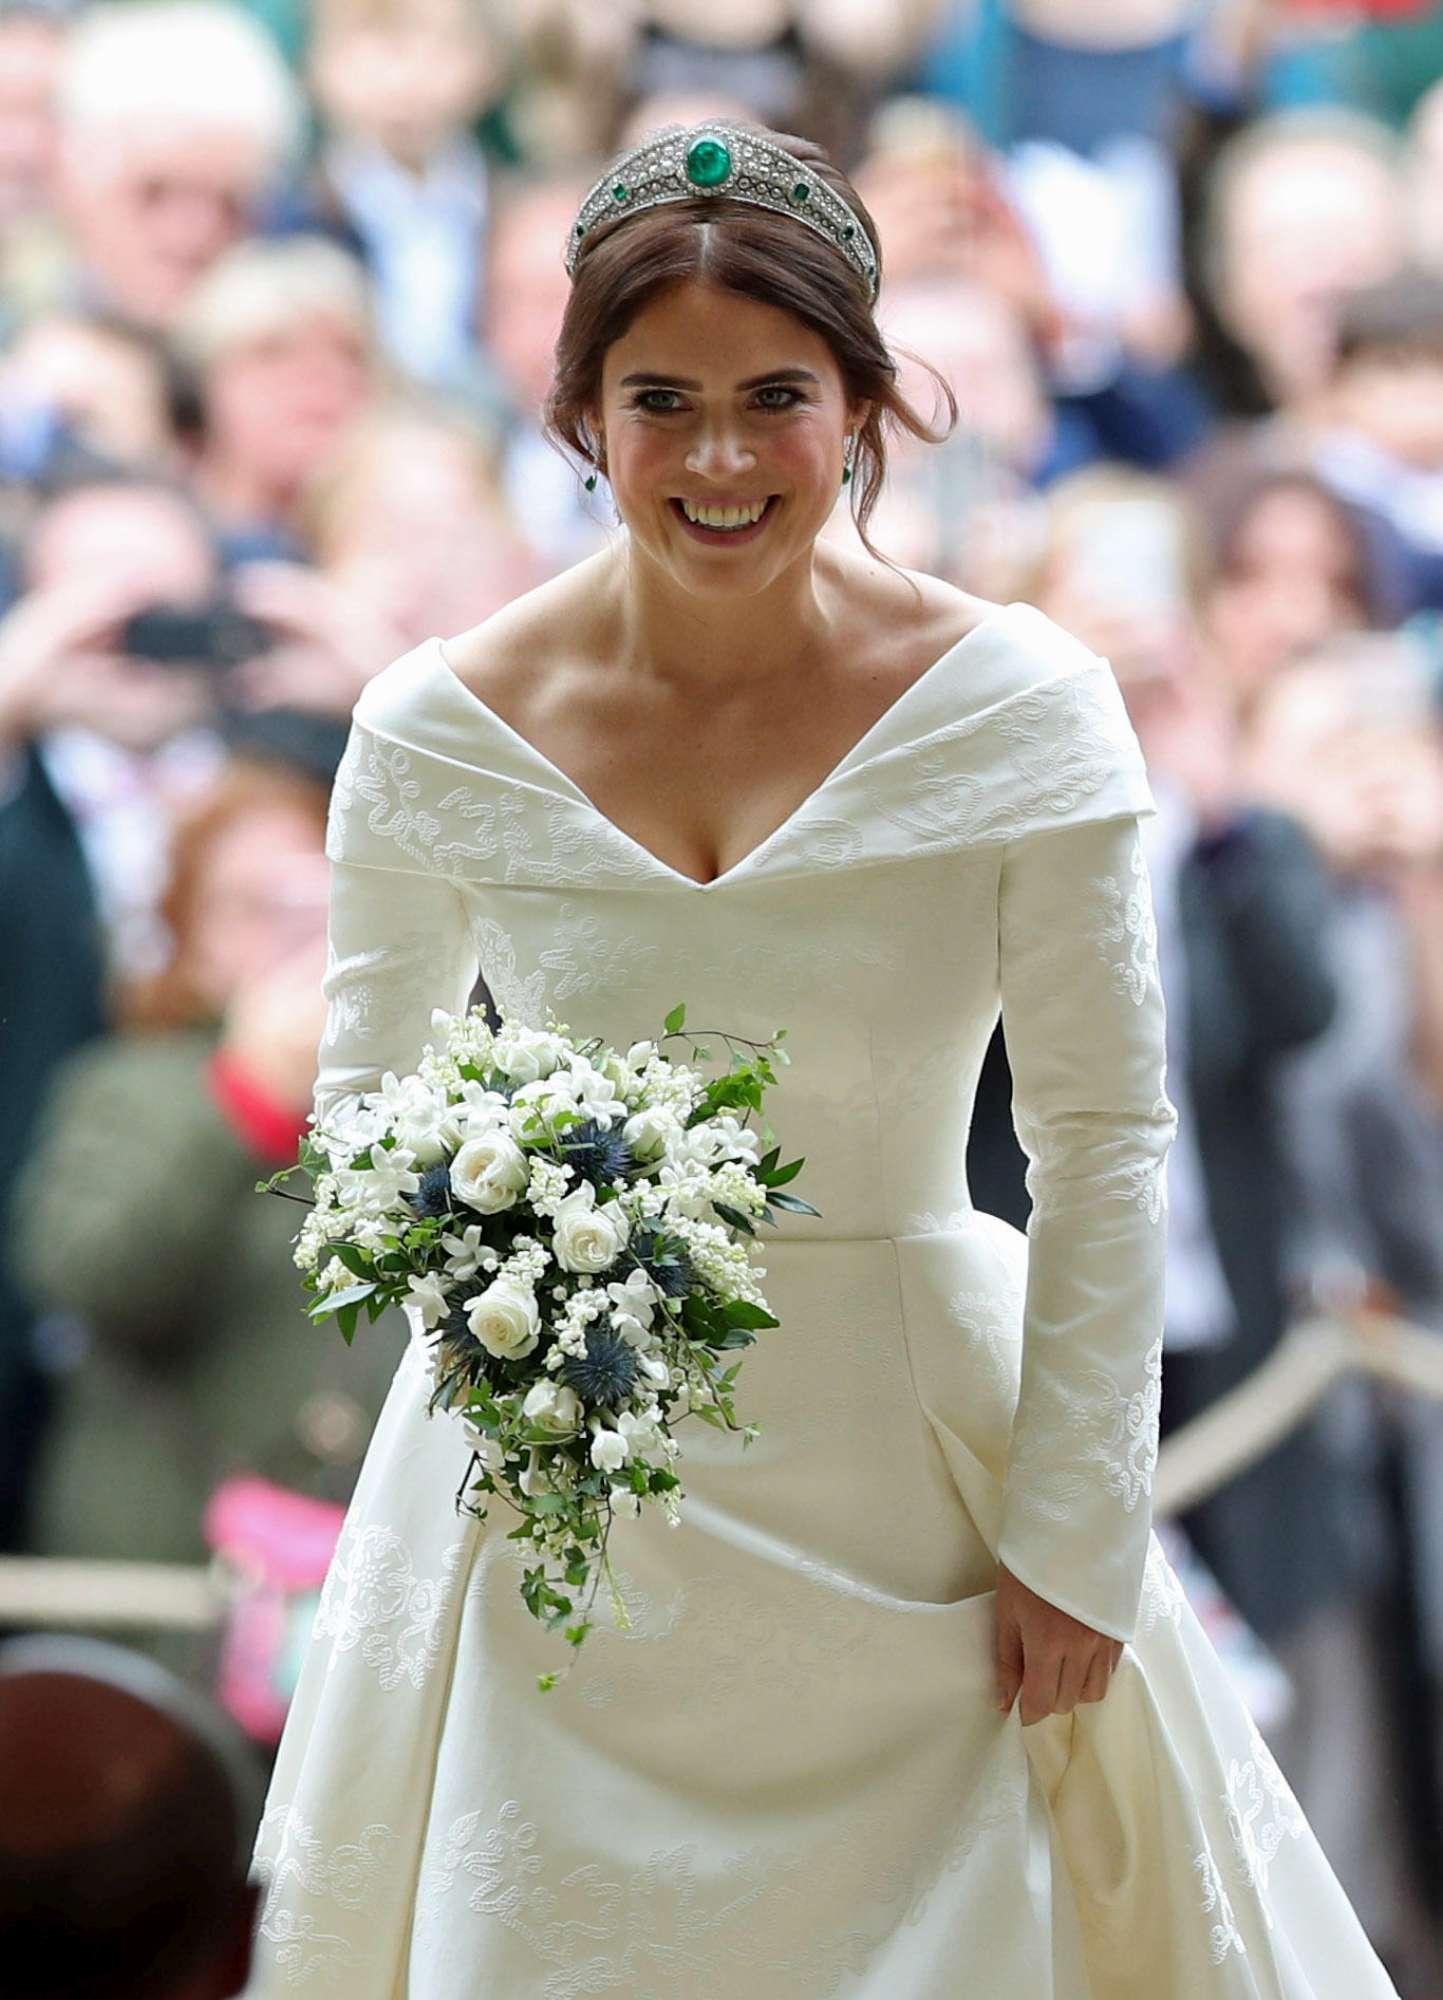 7e02b38fadb4da Eugenia indossa un abito da sposa principesco, firmato Peter Pilotto e  Cristopher de Vos. Il pizzo è bandito da questo modello, realizzato in  tessuto ...